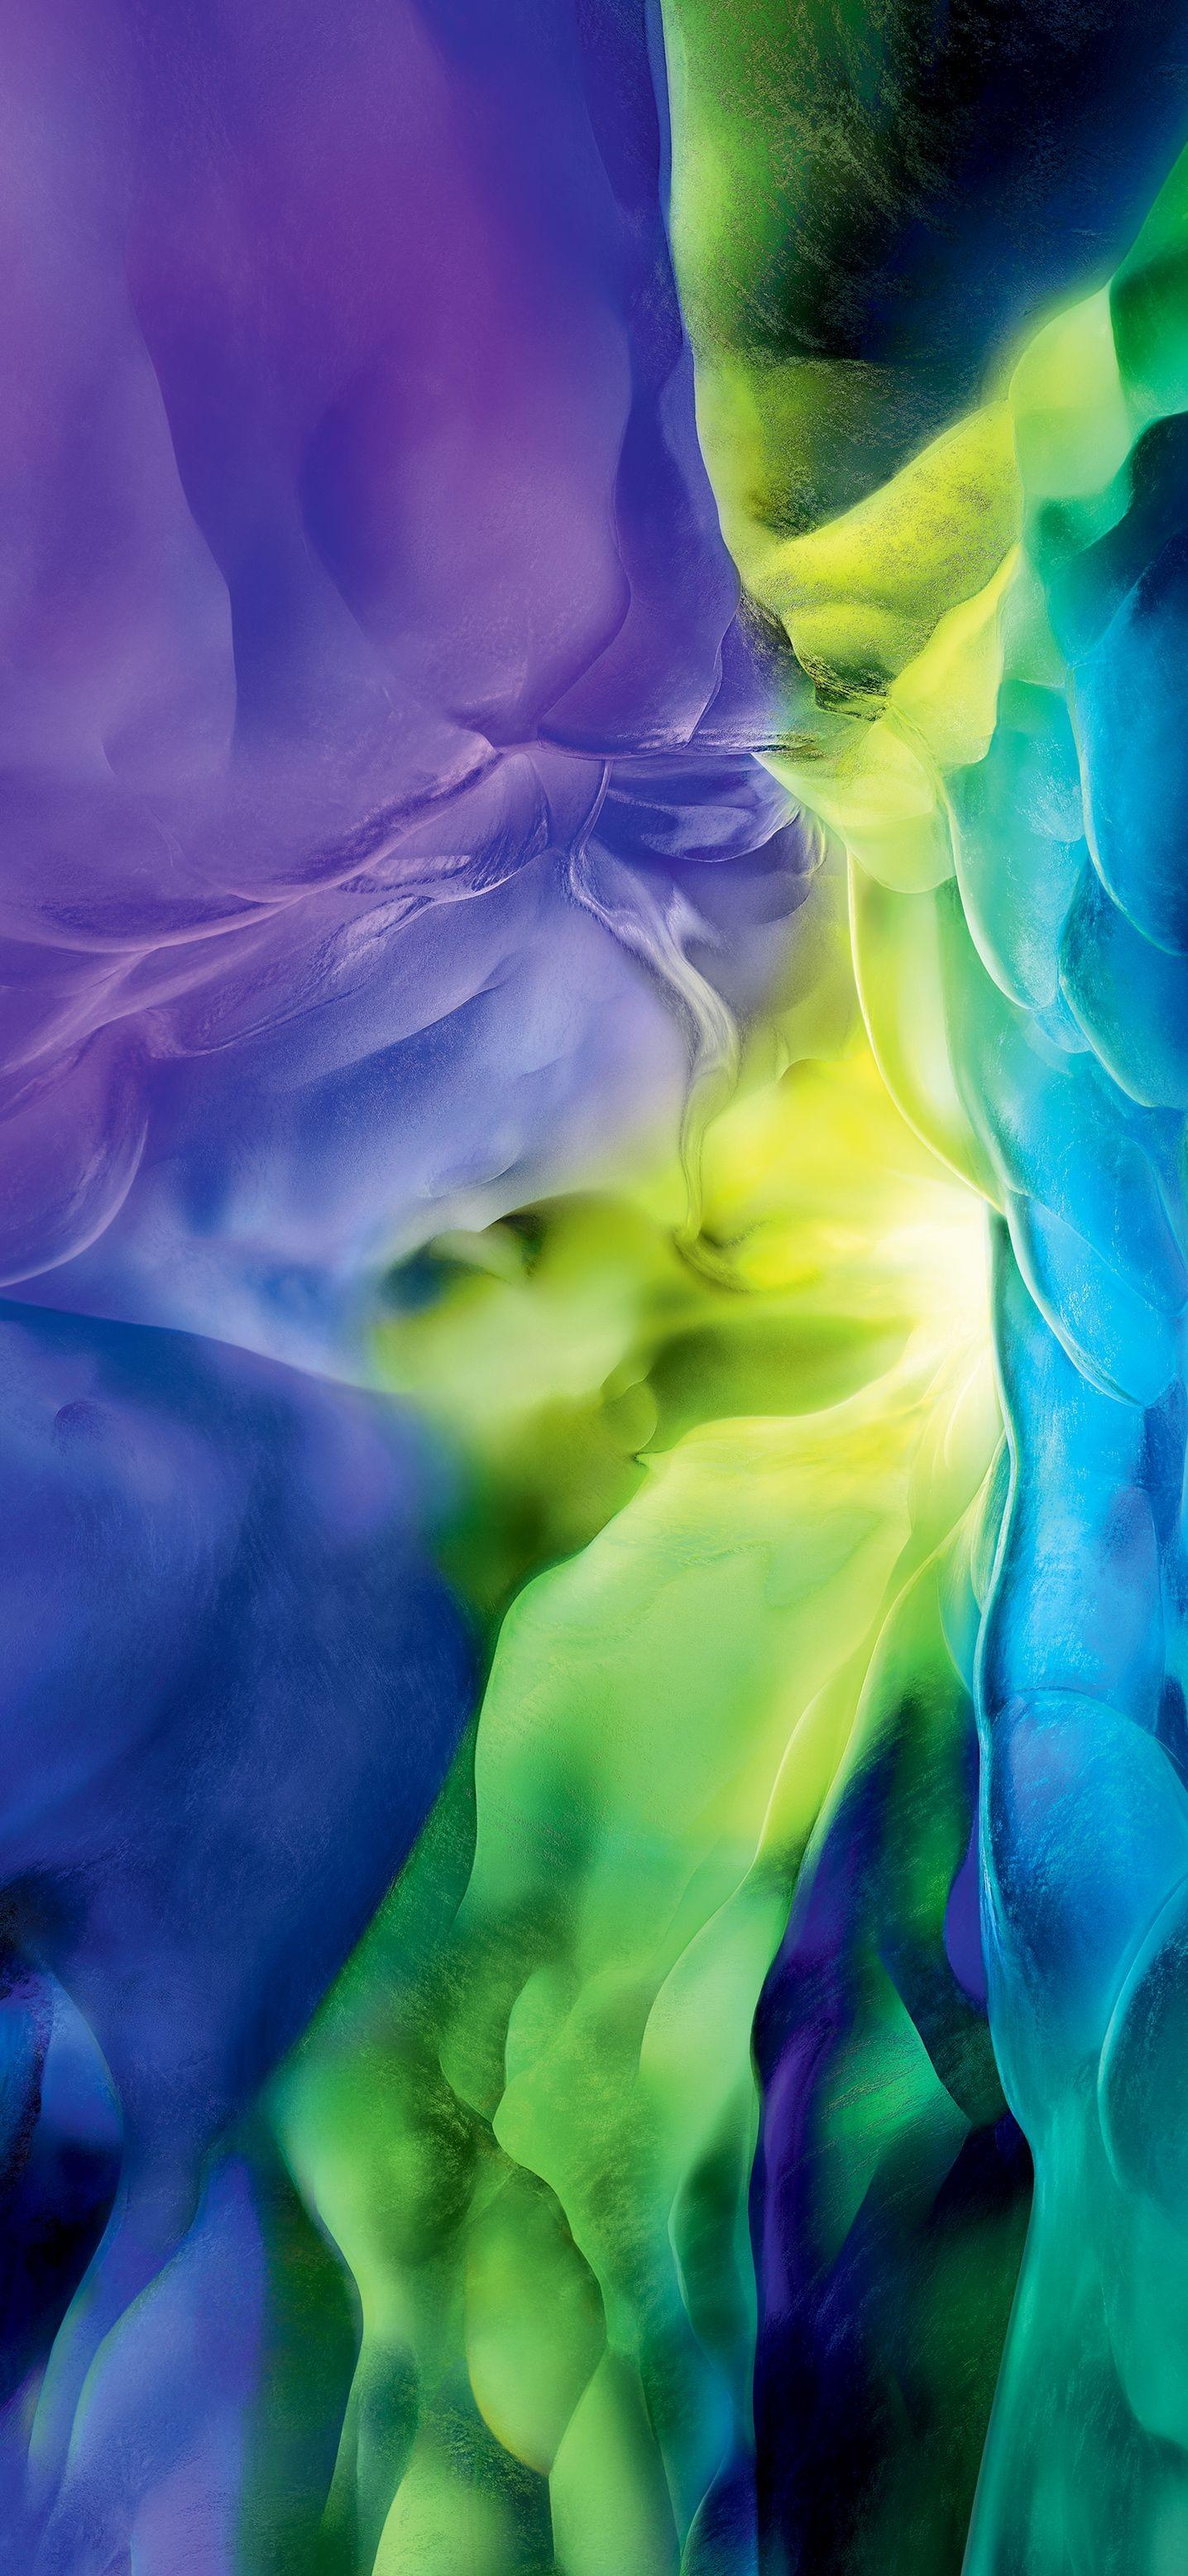 iPad Pro 2021 Wallpapers - Wallpaper Cave